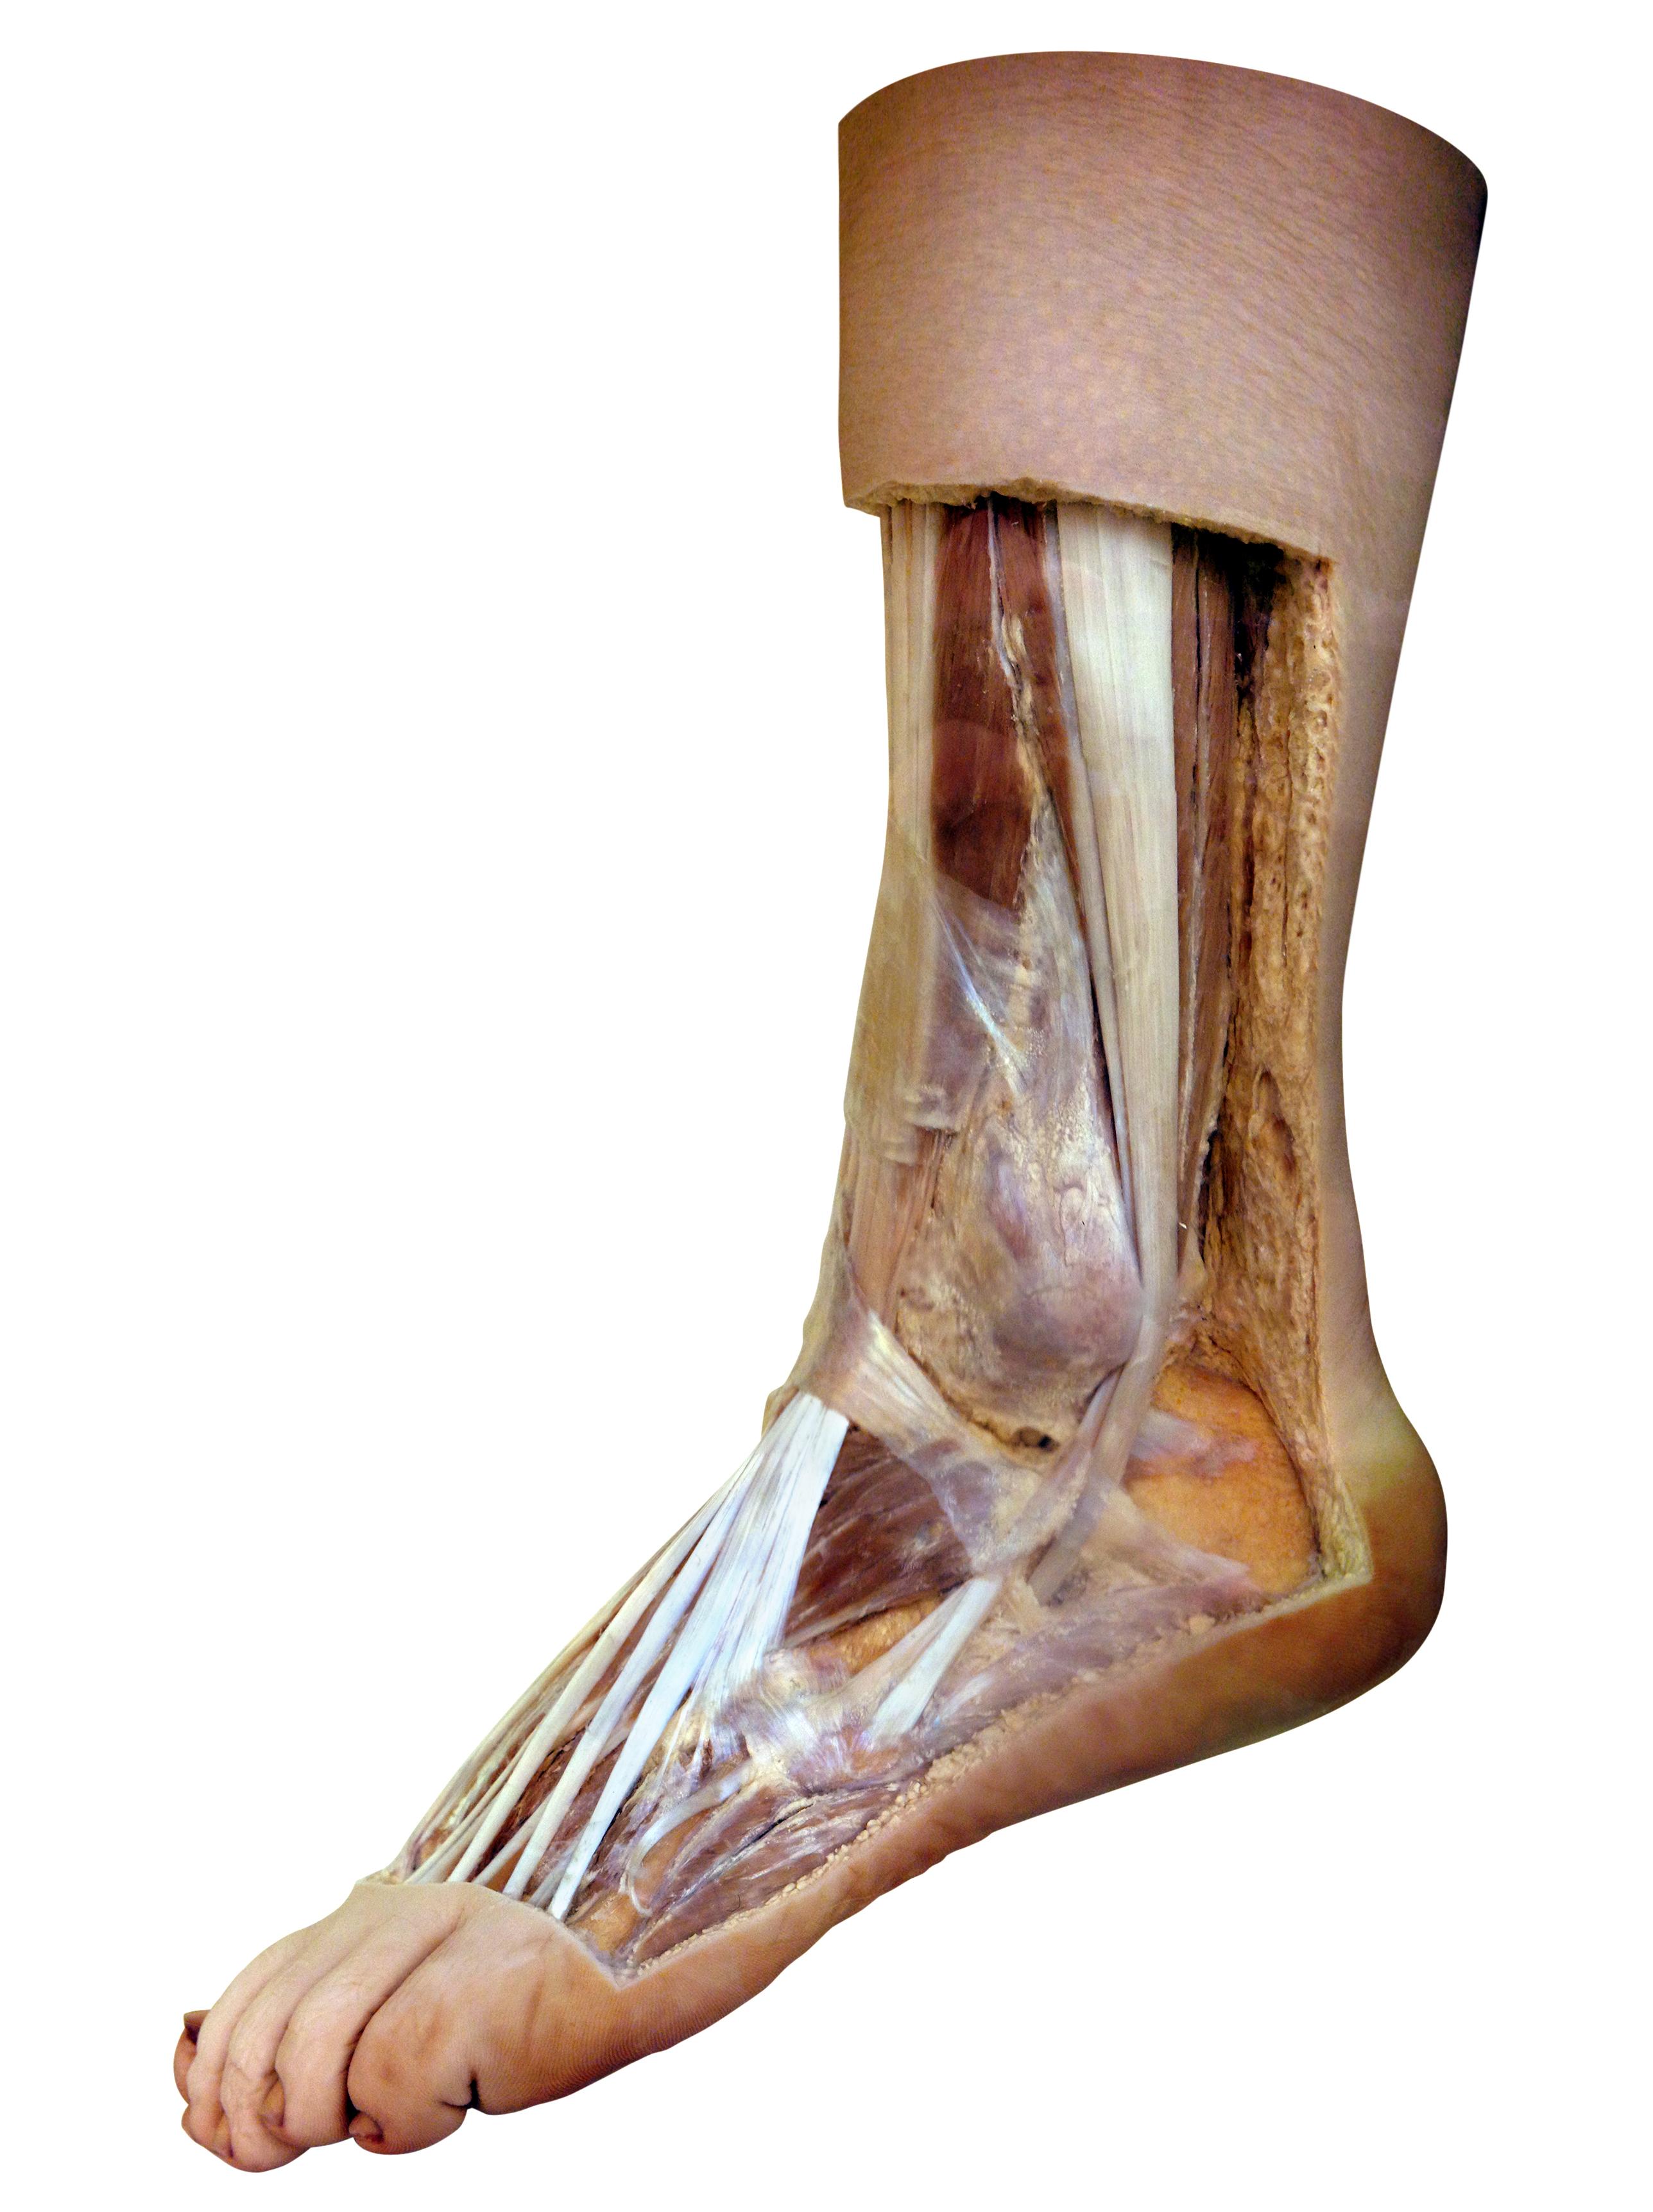 Ausgezeichnet Skelettanatomie Fuß Galerie - Menschliche Anatomie ...